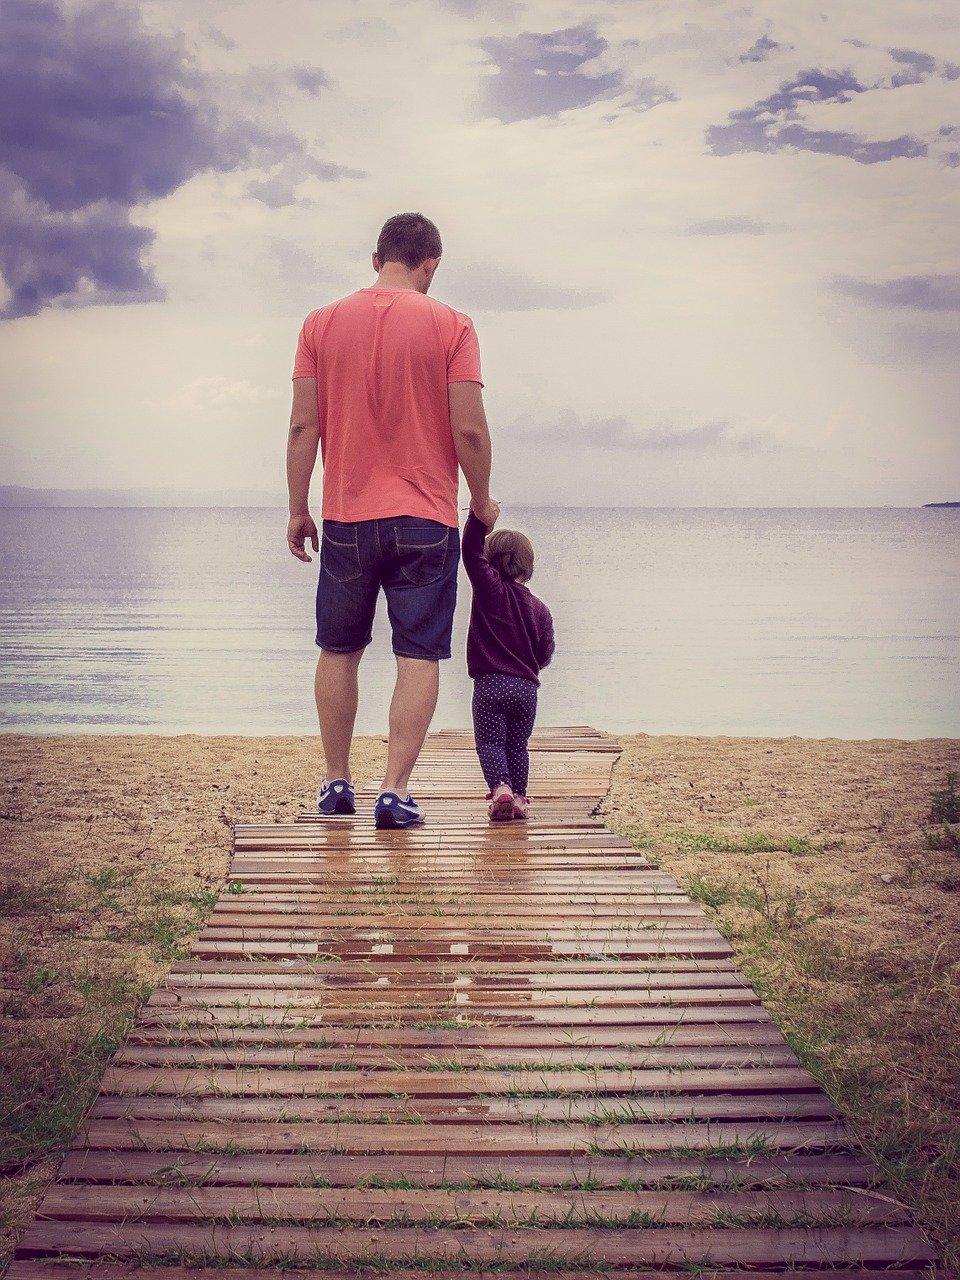 איך ללמוד ללכת עם נעלי צעד ראשון